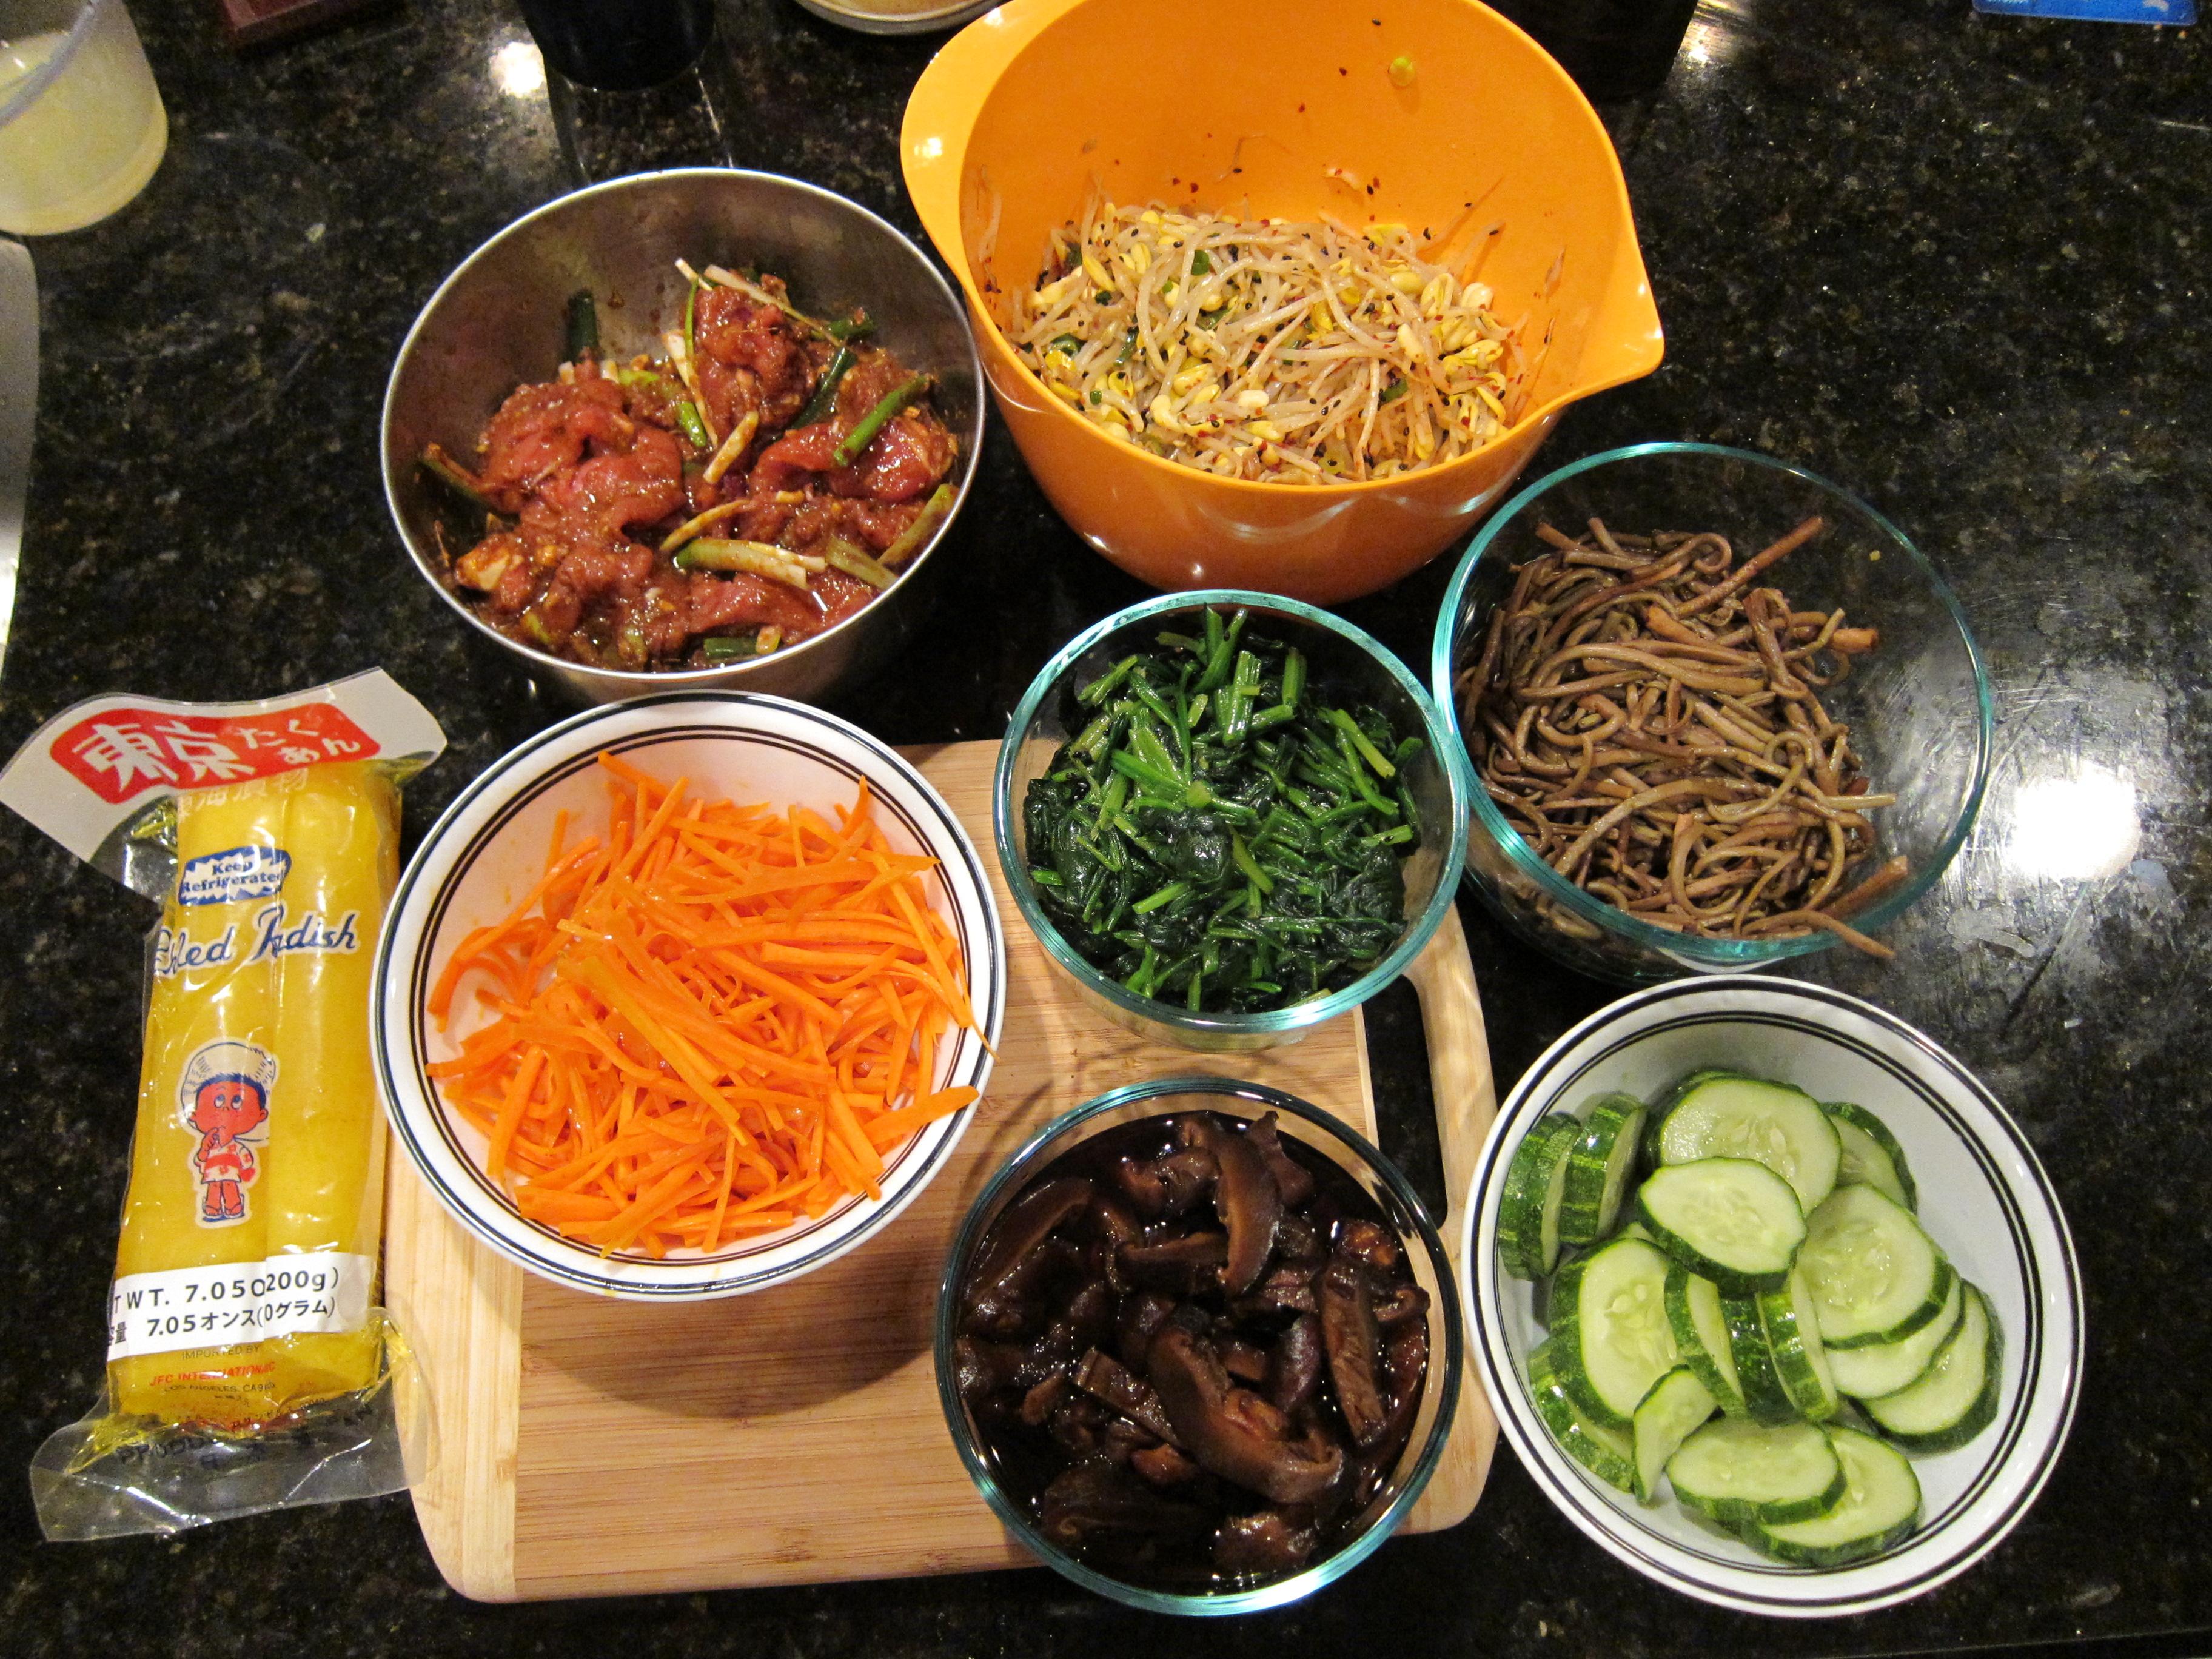 ... (Vegetarian Bibimbap, Kimbap, Beef Bulgogi, and Seafood Pancake